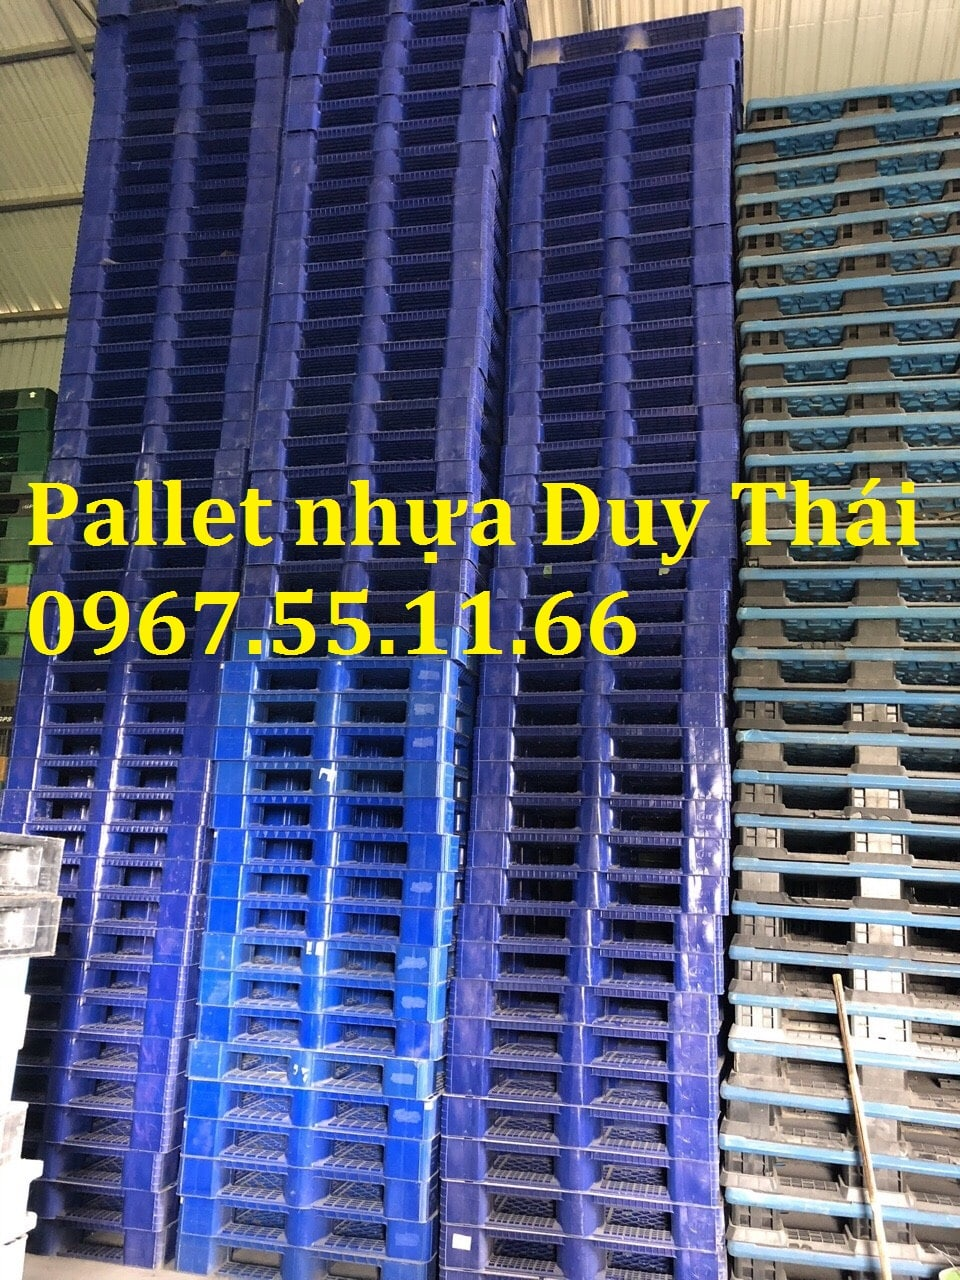 Bán pallet nhựa cũ tại Thái Nguyên giá rẻ tại kho